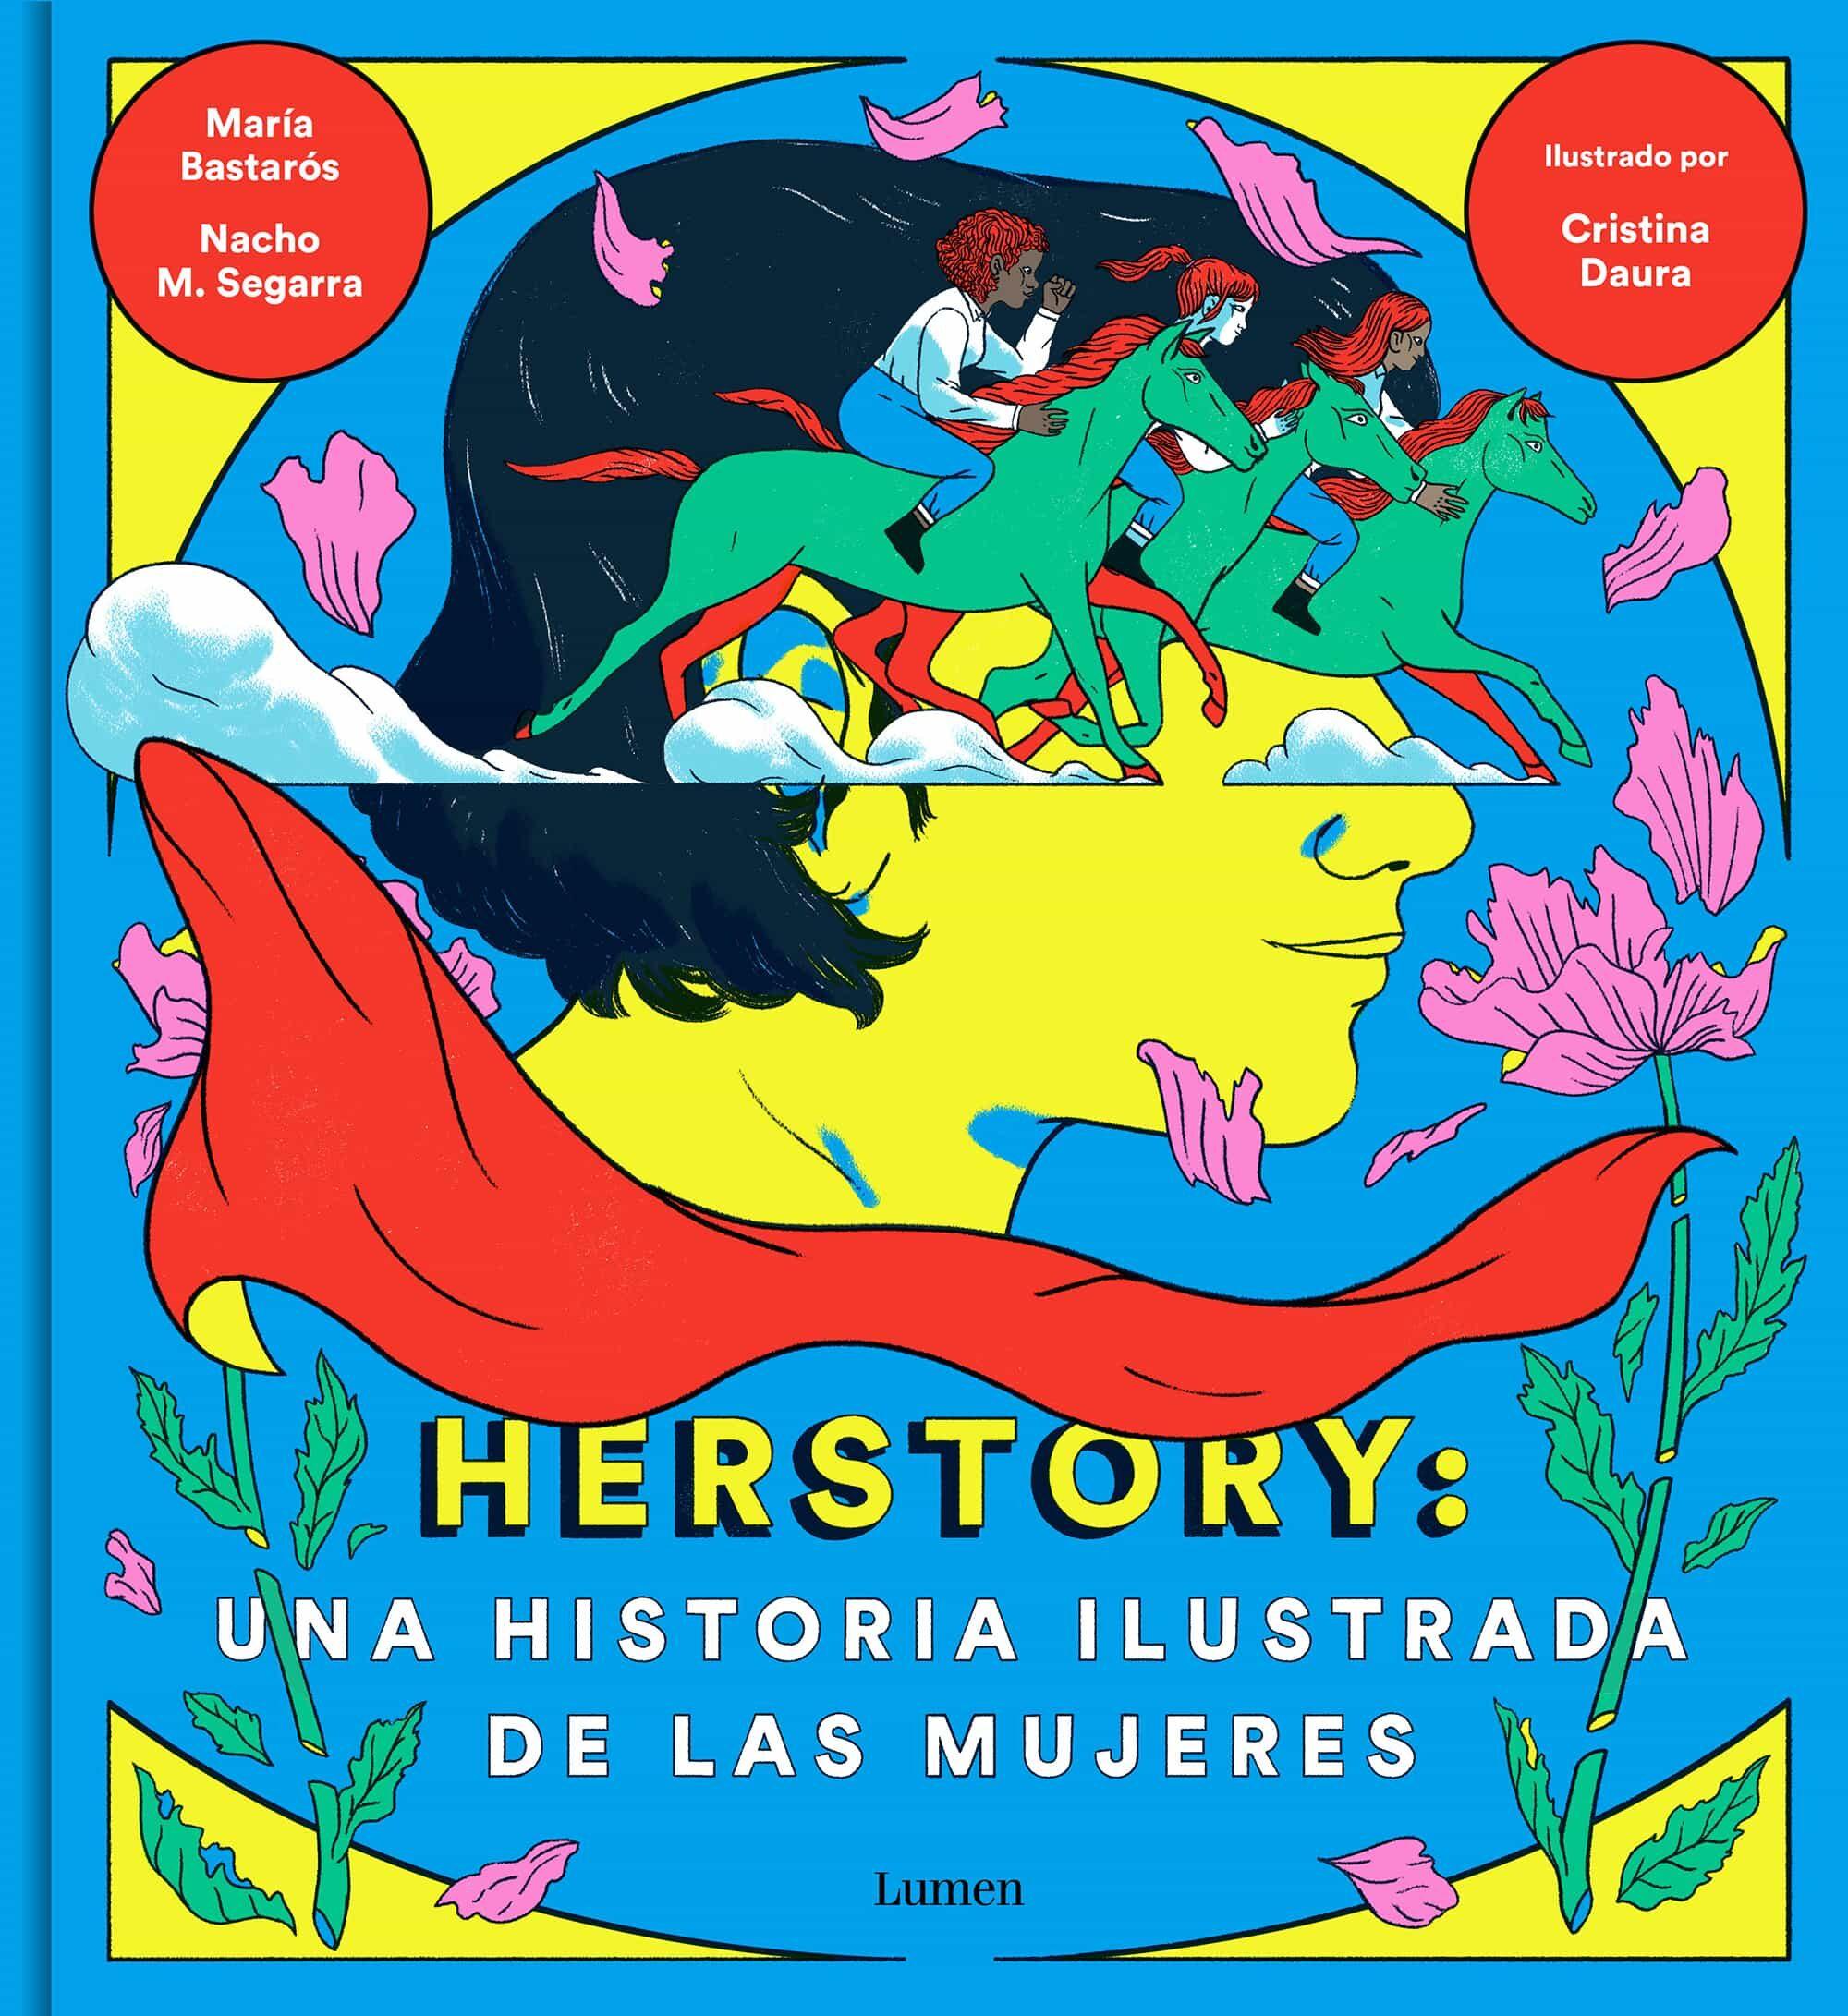 Resultado de imagen de herstory una historia ilustrada de las mujeres